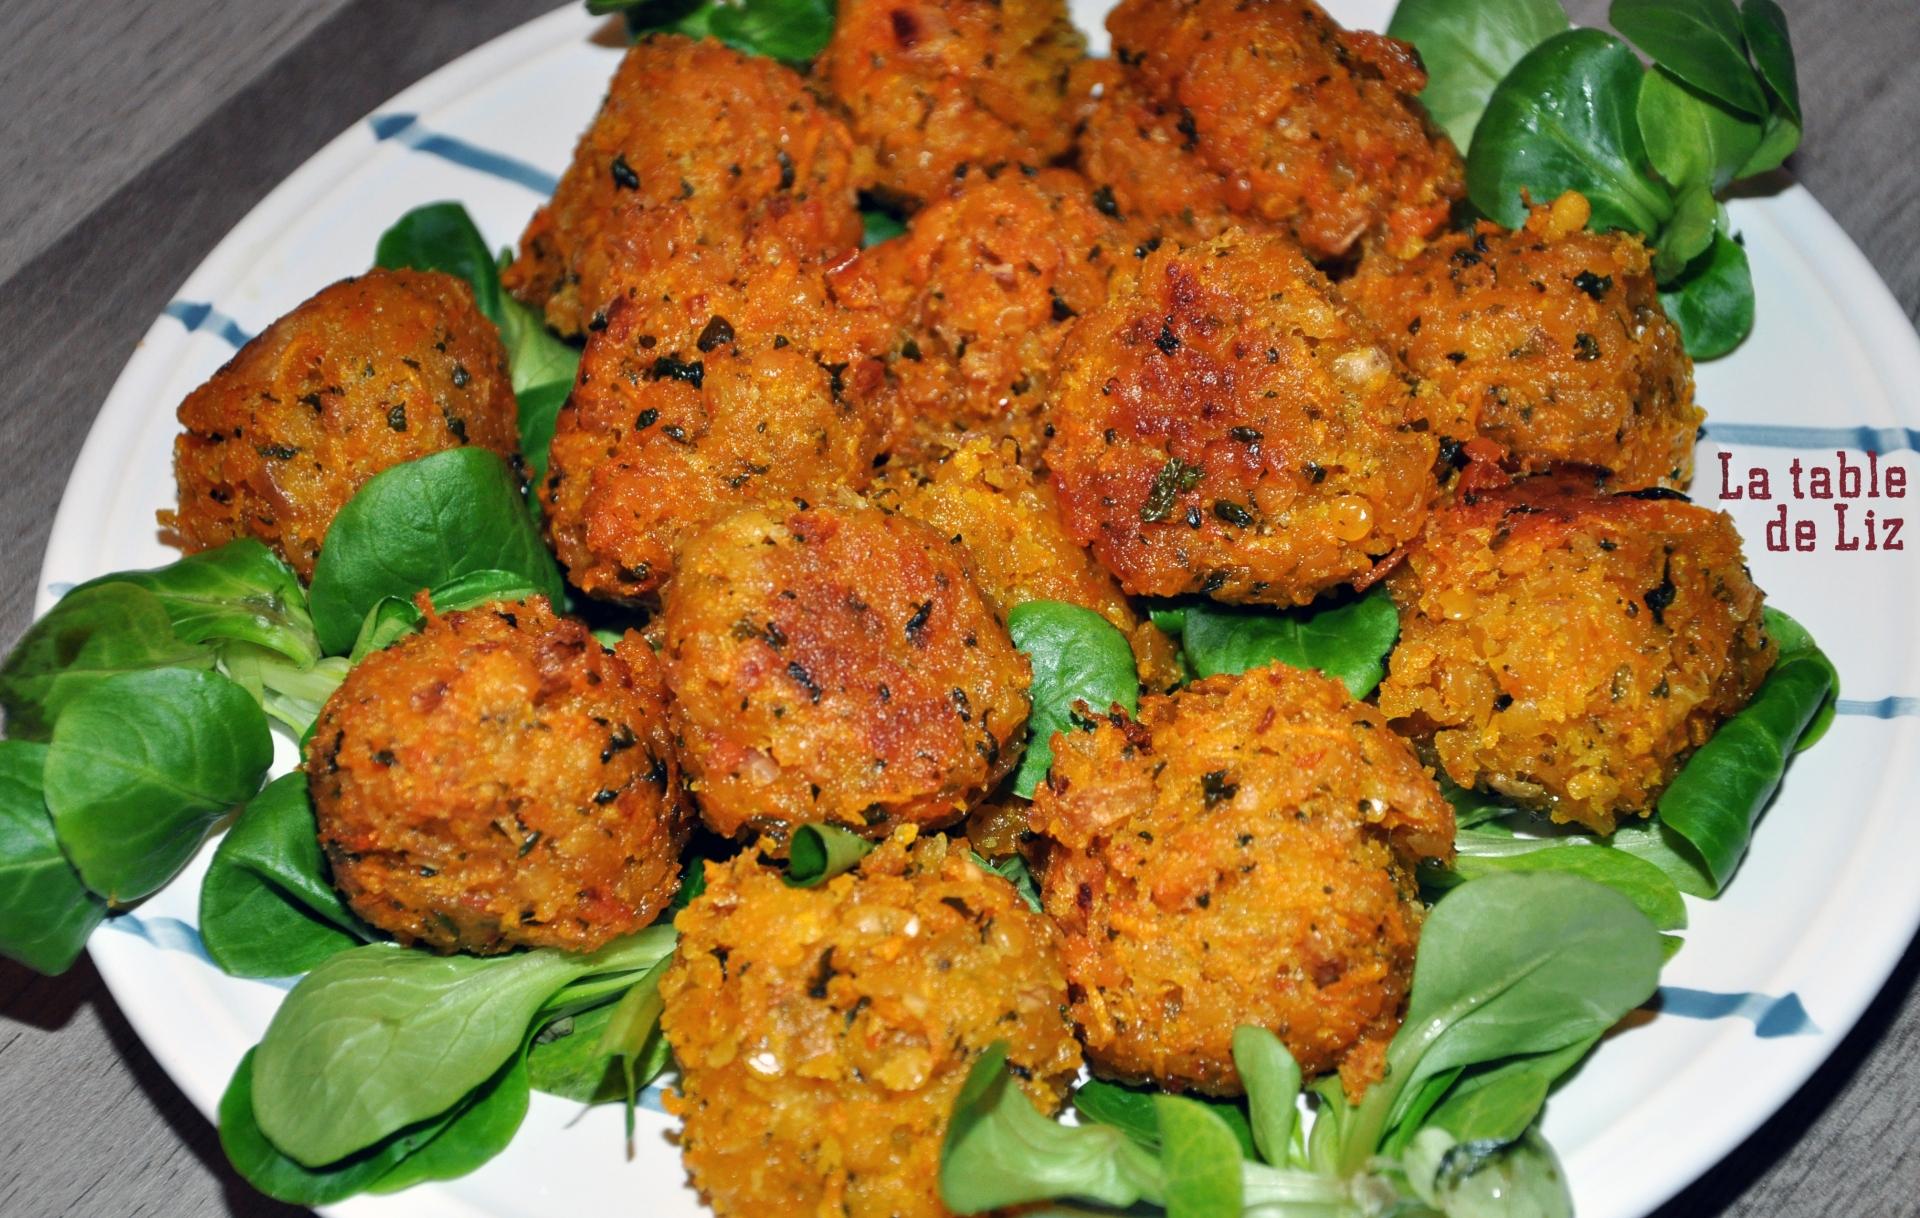 Accras de butternut et lentilles corail, recette végétarienne de La-table-de-Liz